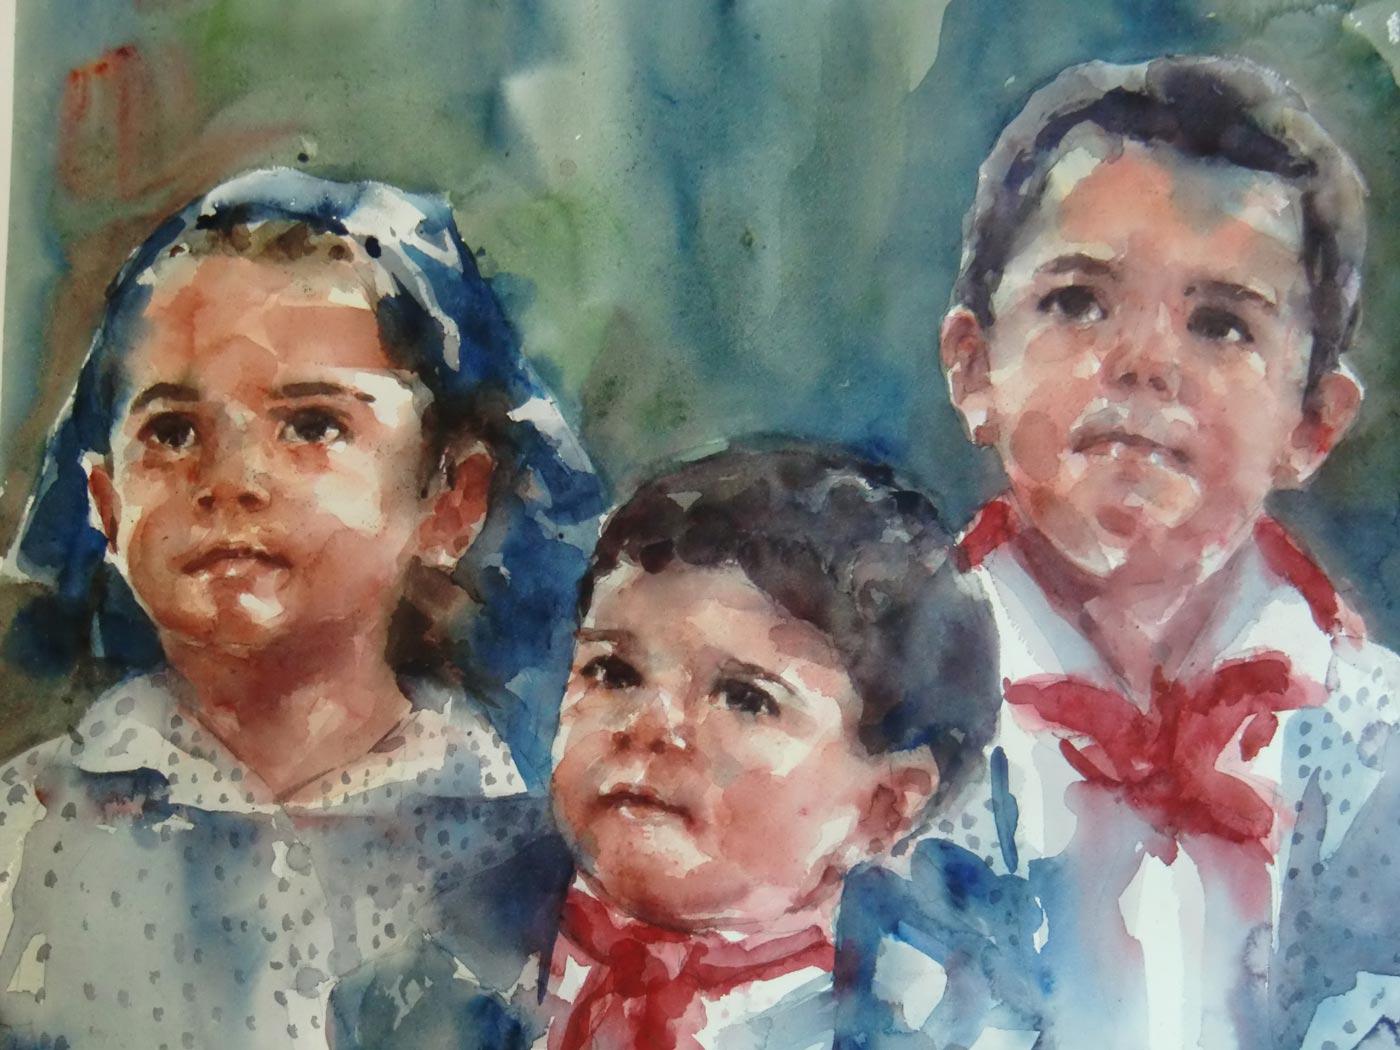 Acuarela de tres niños mirando arriba